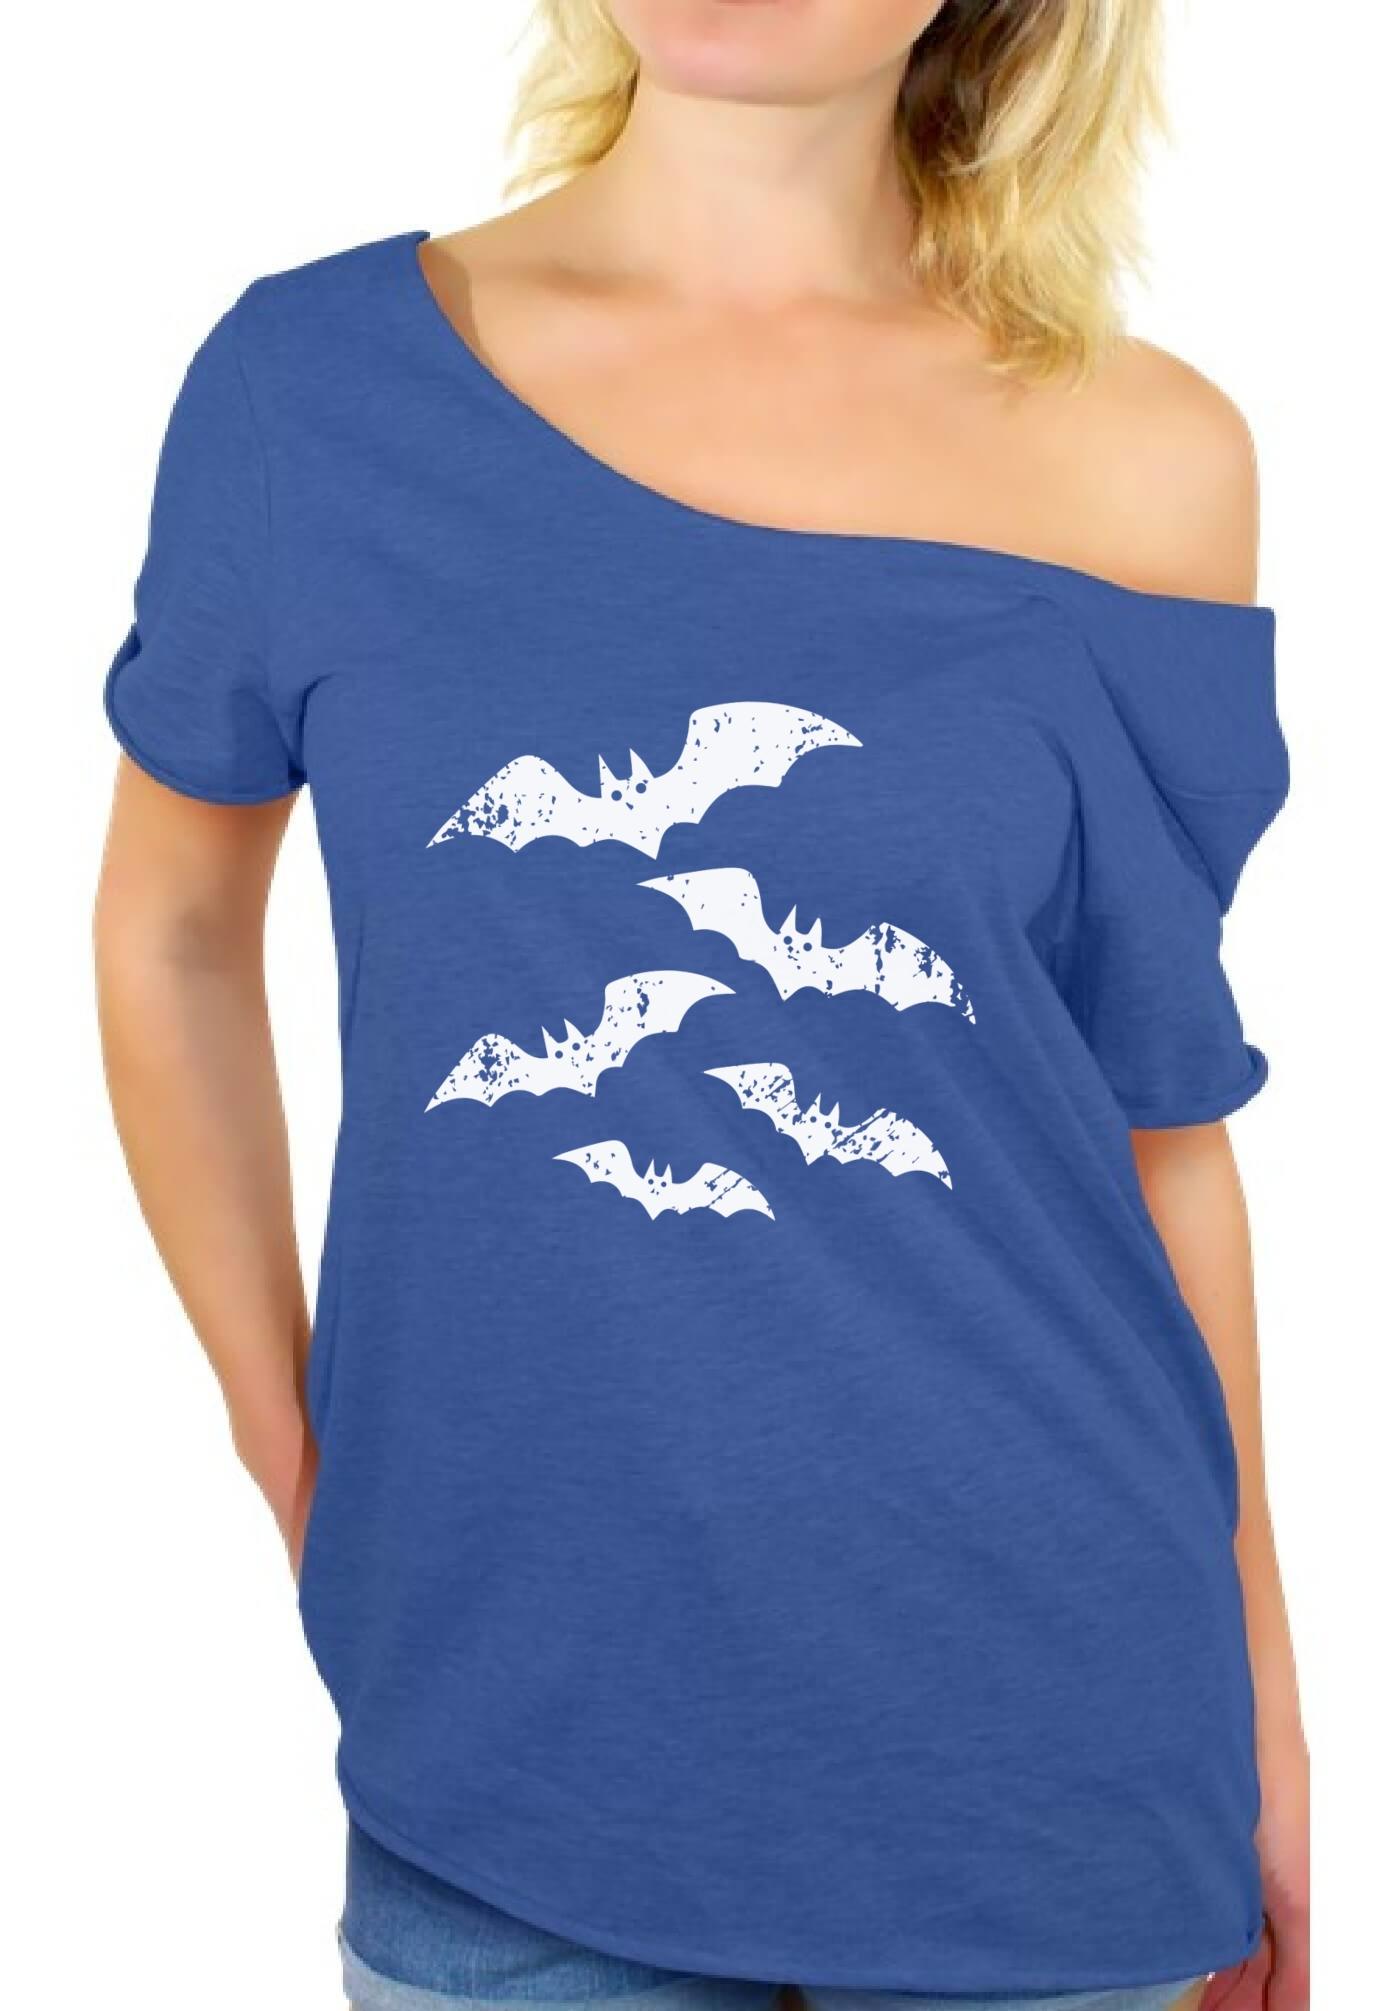 Women-039-s-Halloween-Bats-Off-The-Shoulder-